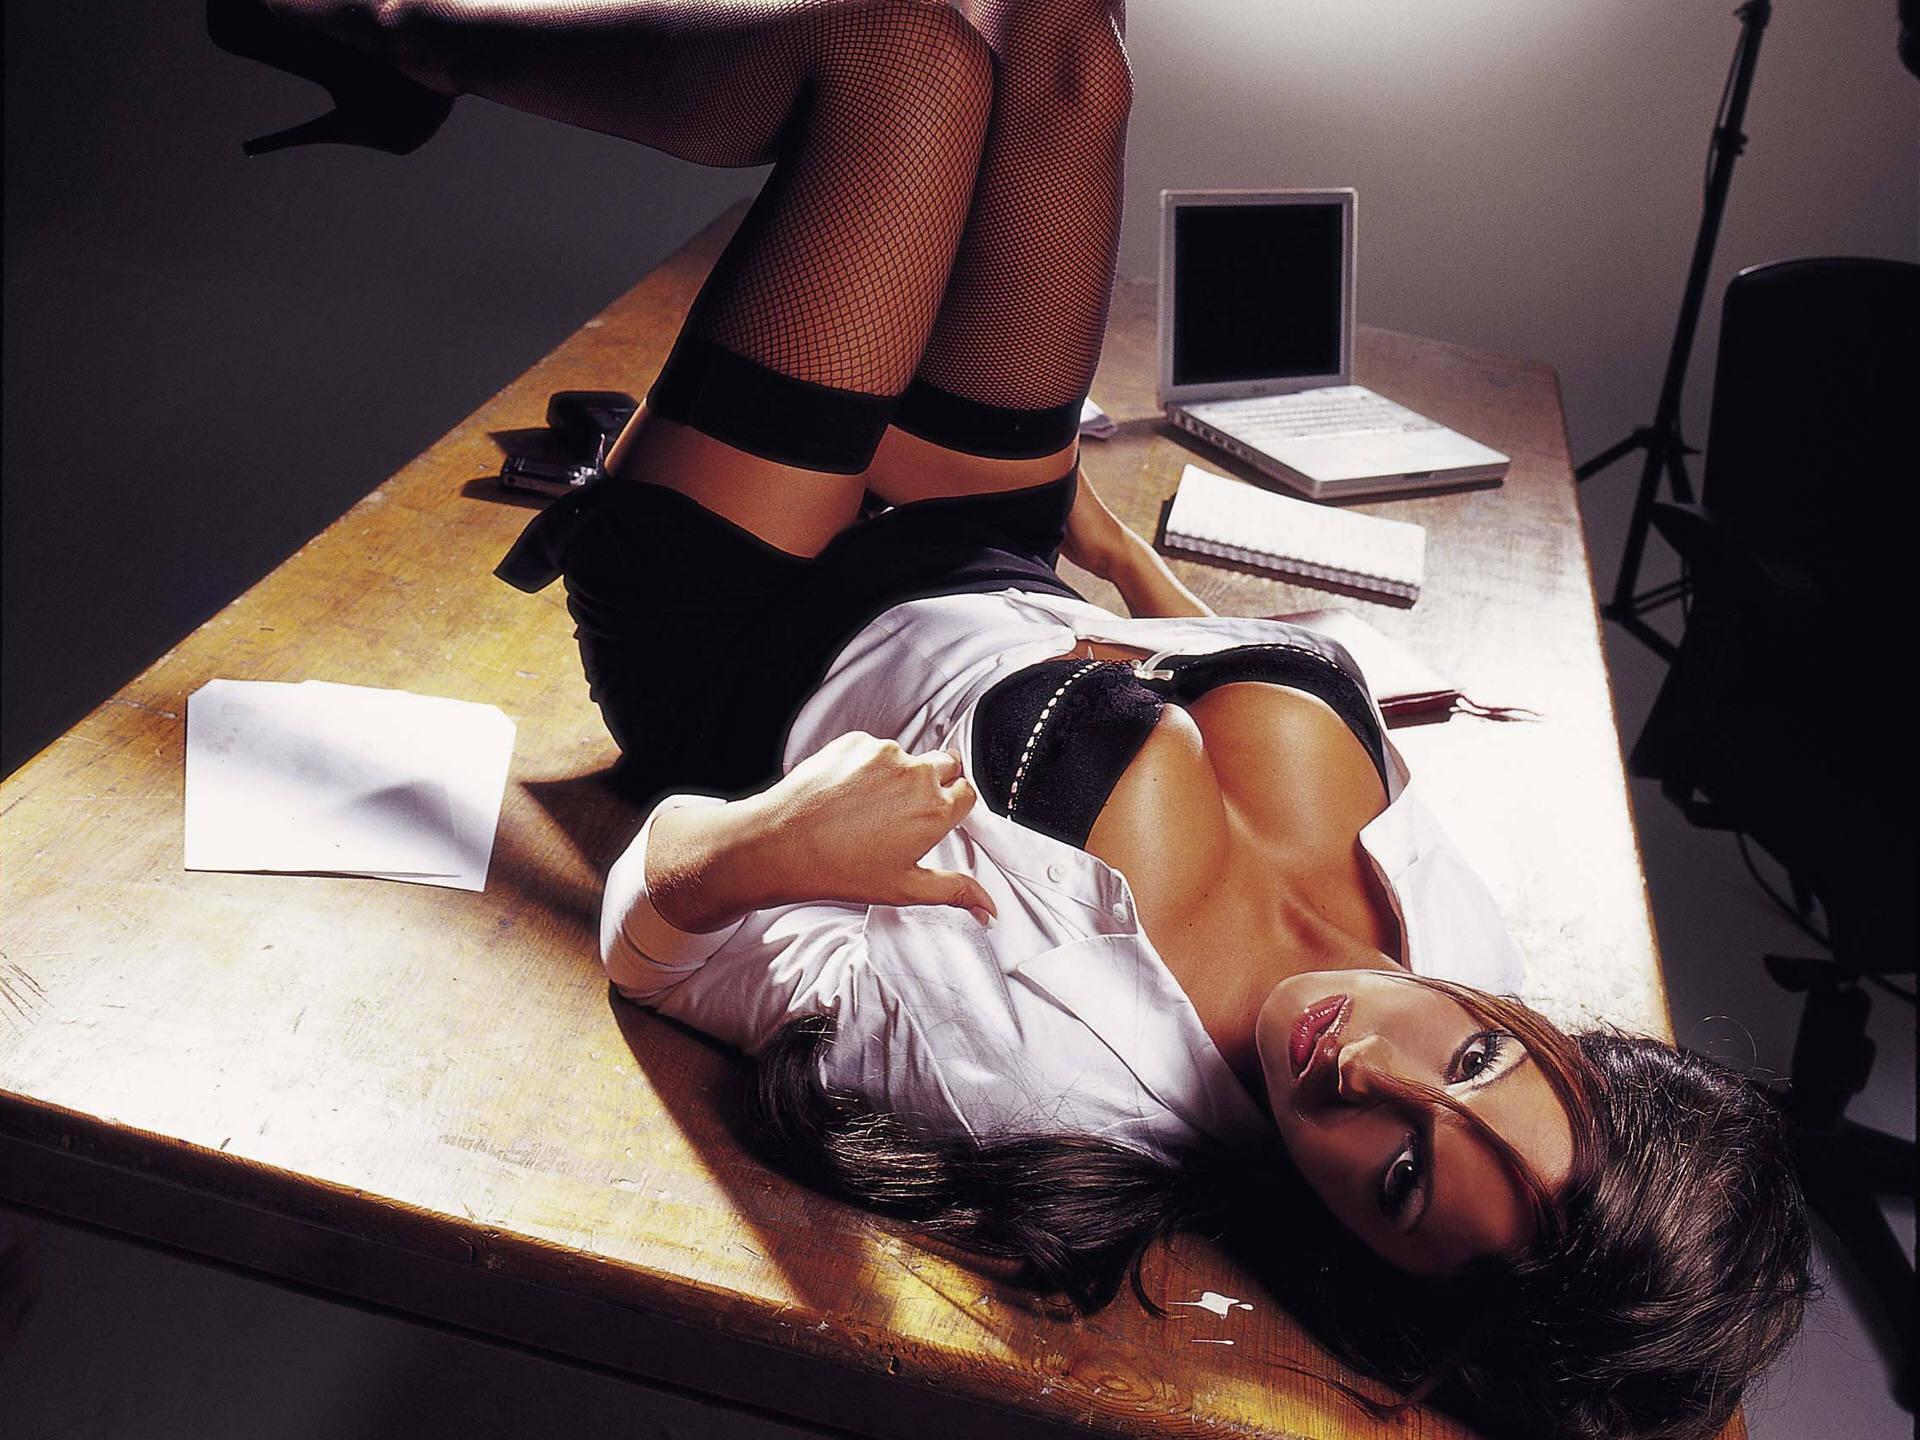 дороге они девушки на офисном столе ухоженные стопы пяточками